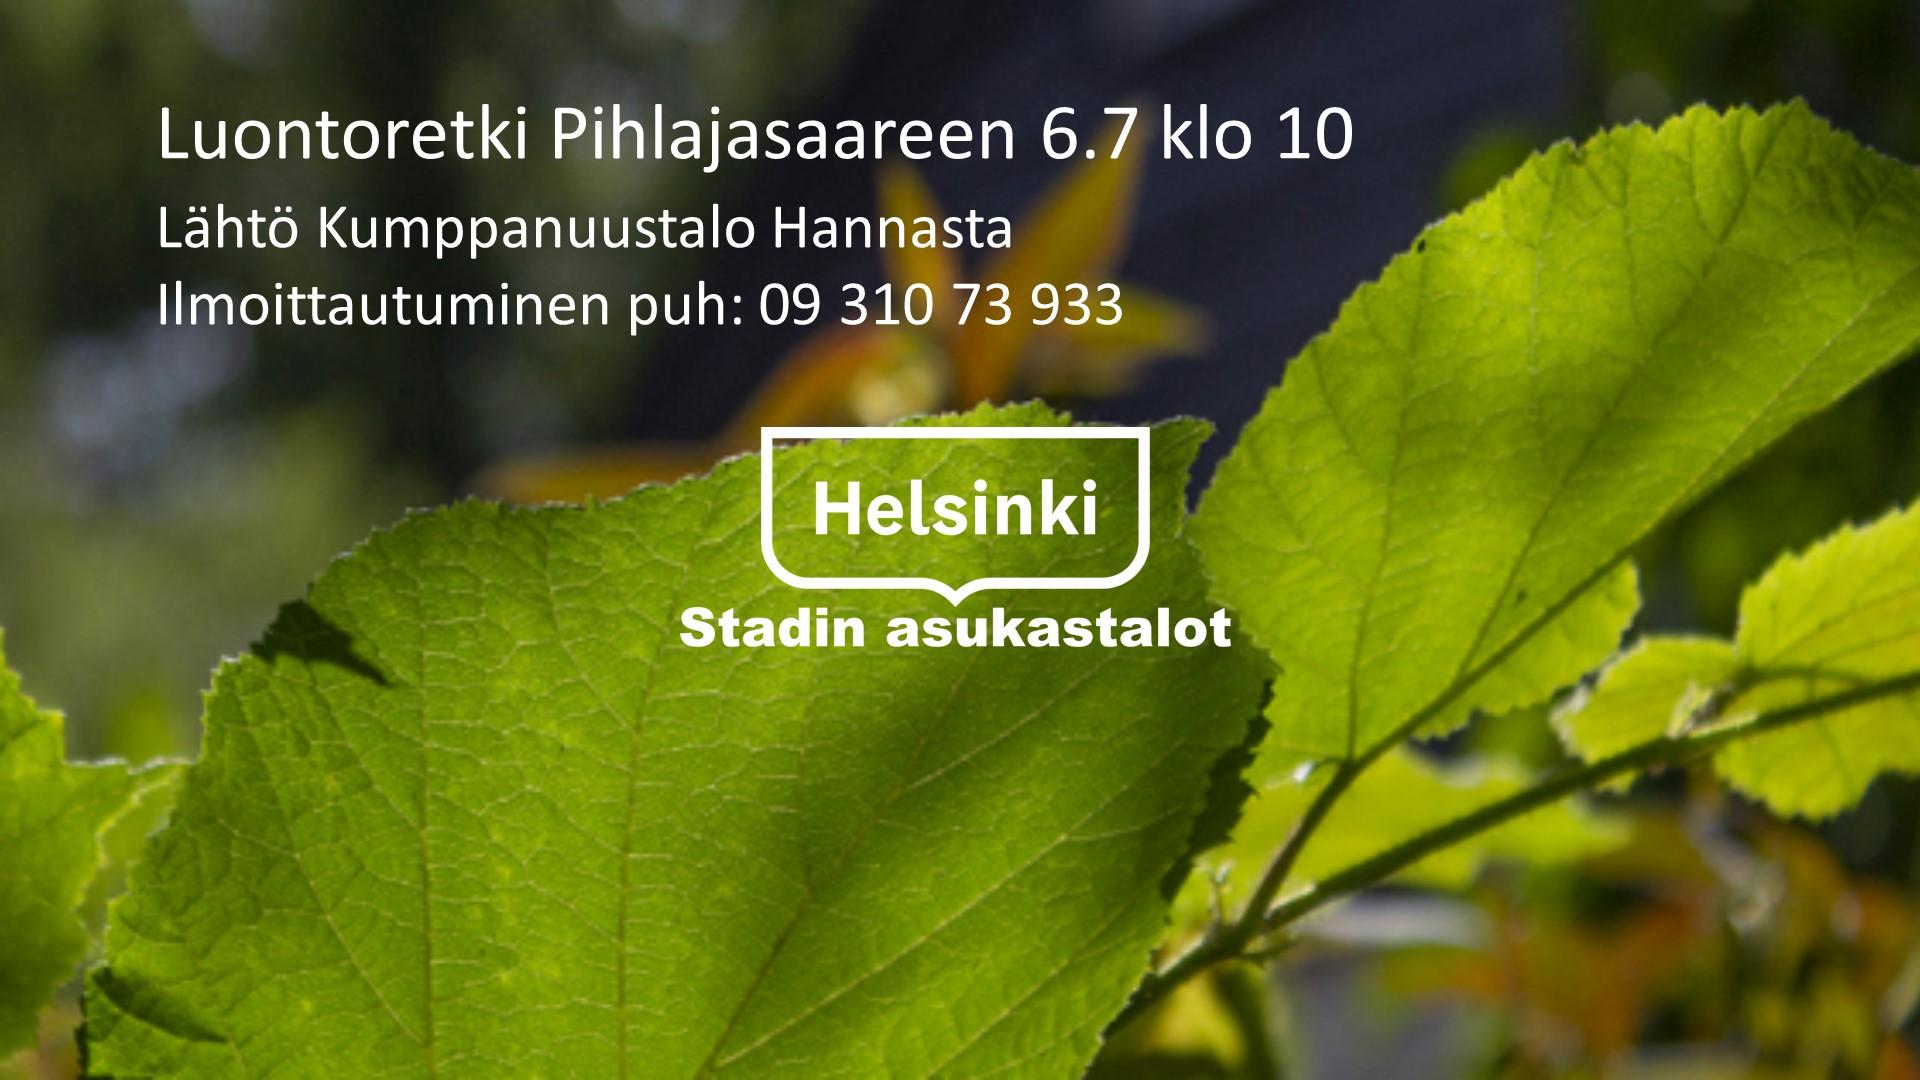 Link to event Luontoretki Pihlajasaareen 6.7 klo 10